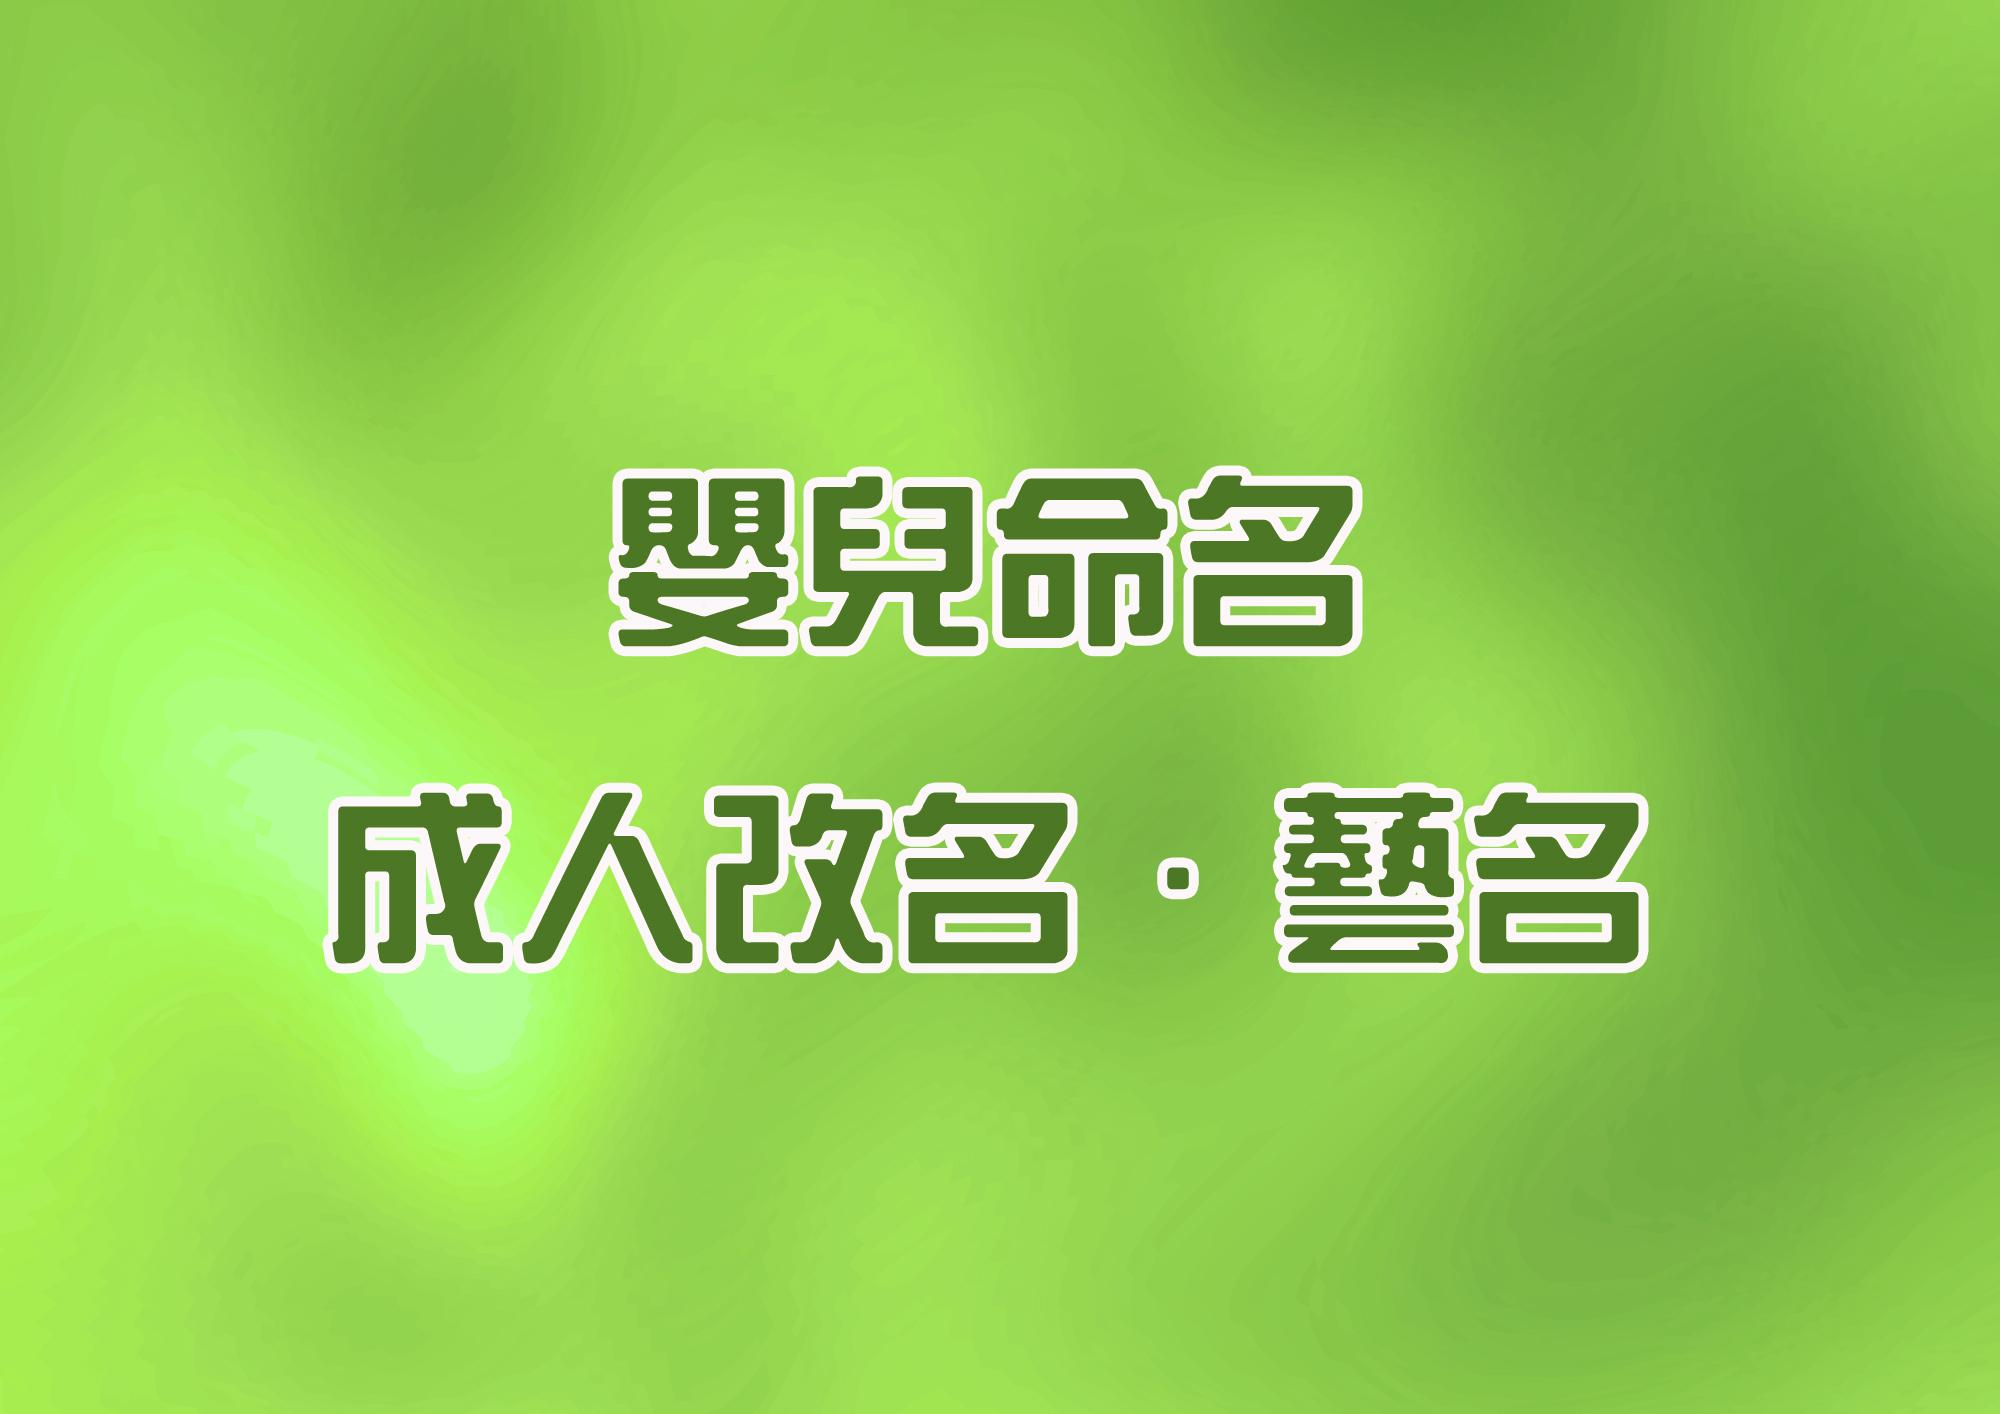 嬰兒命名.成人改名 使用塔羅牌占卜測字法 Duo天使塔羅占卜 - 20191216092714-266802374.jpg(圖)